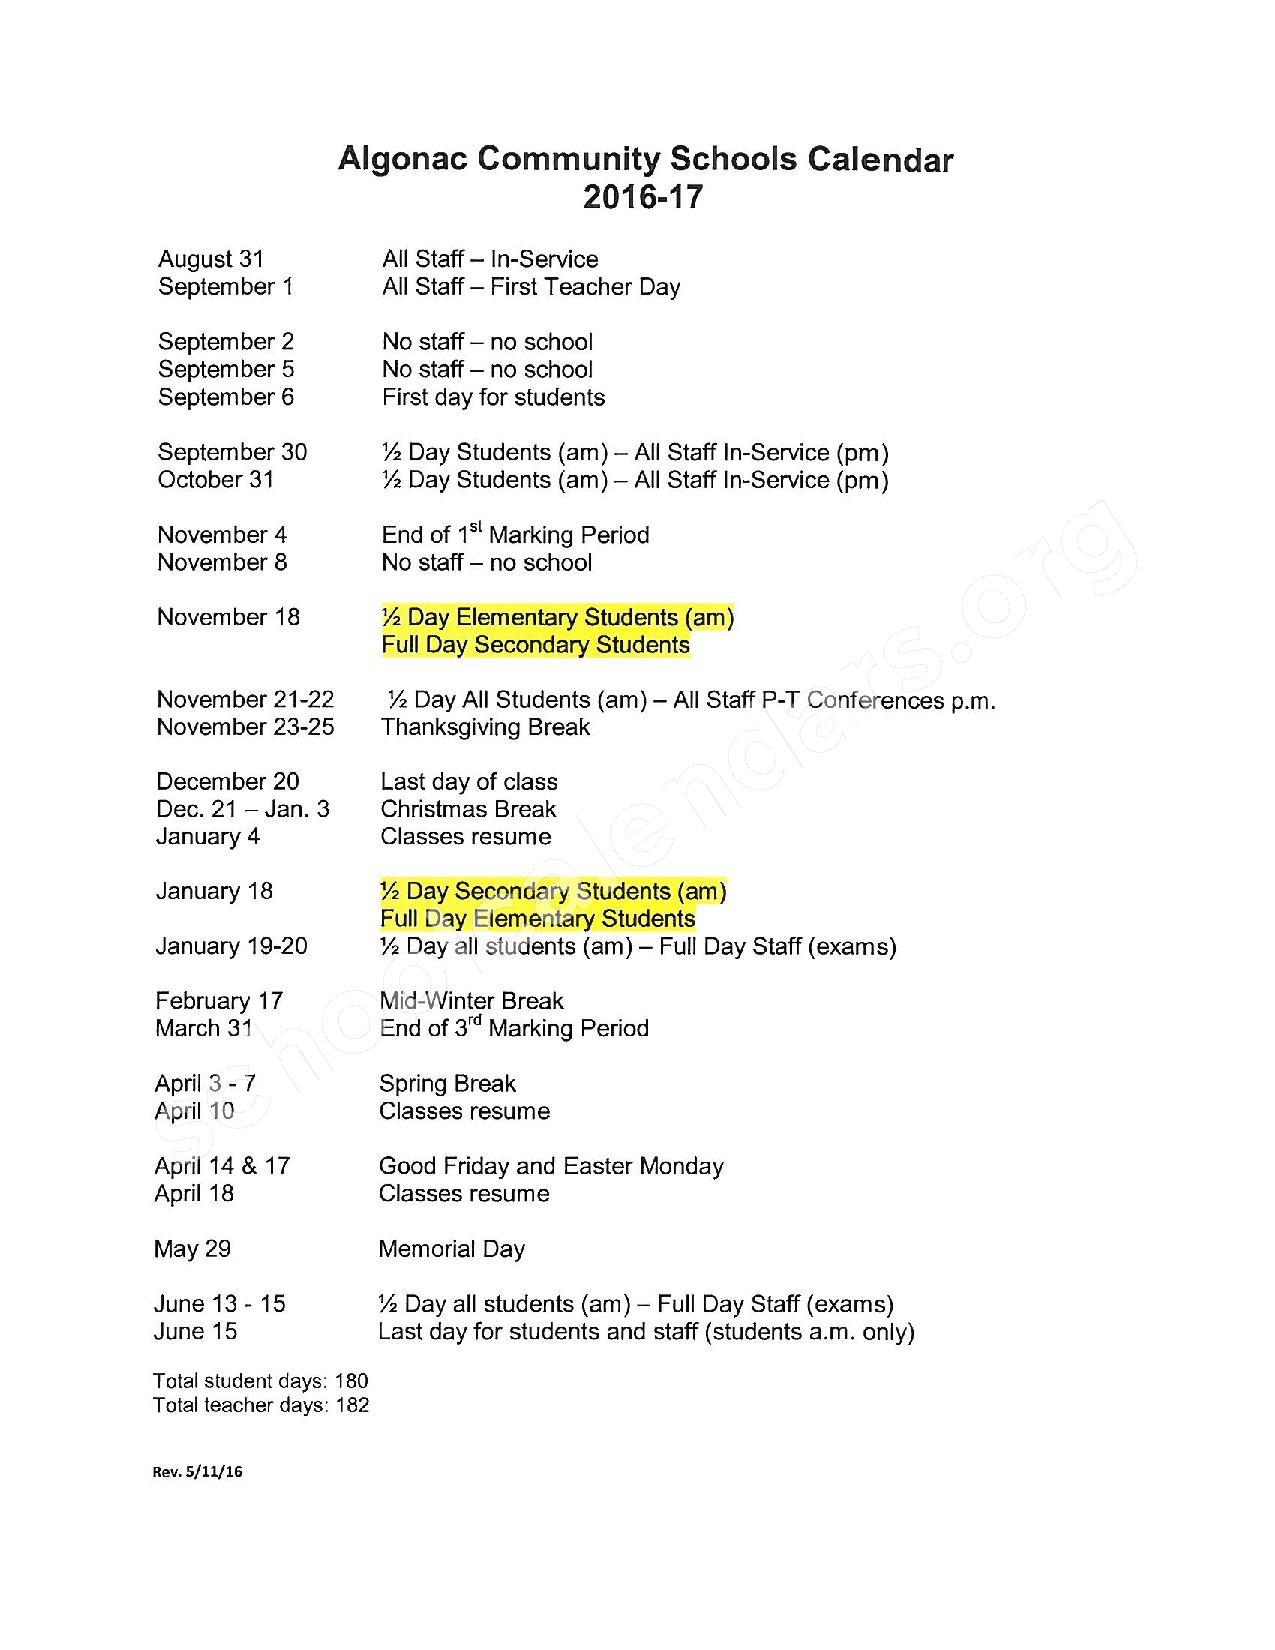 2016 - 2017 School Calendar – Algonac Community School District – page 1